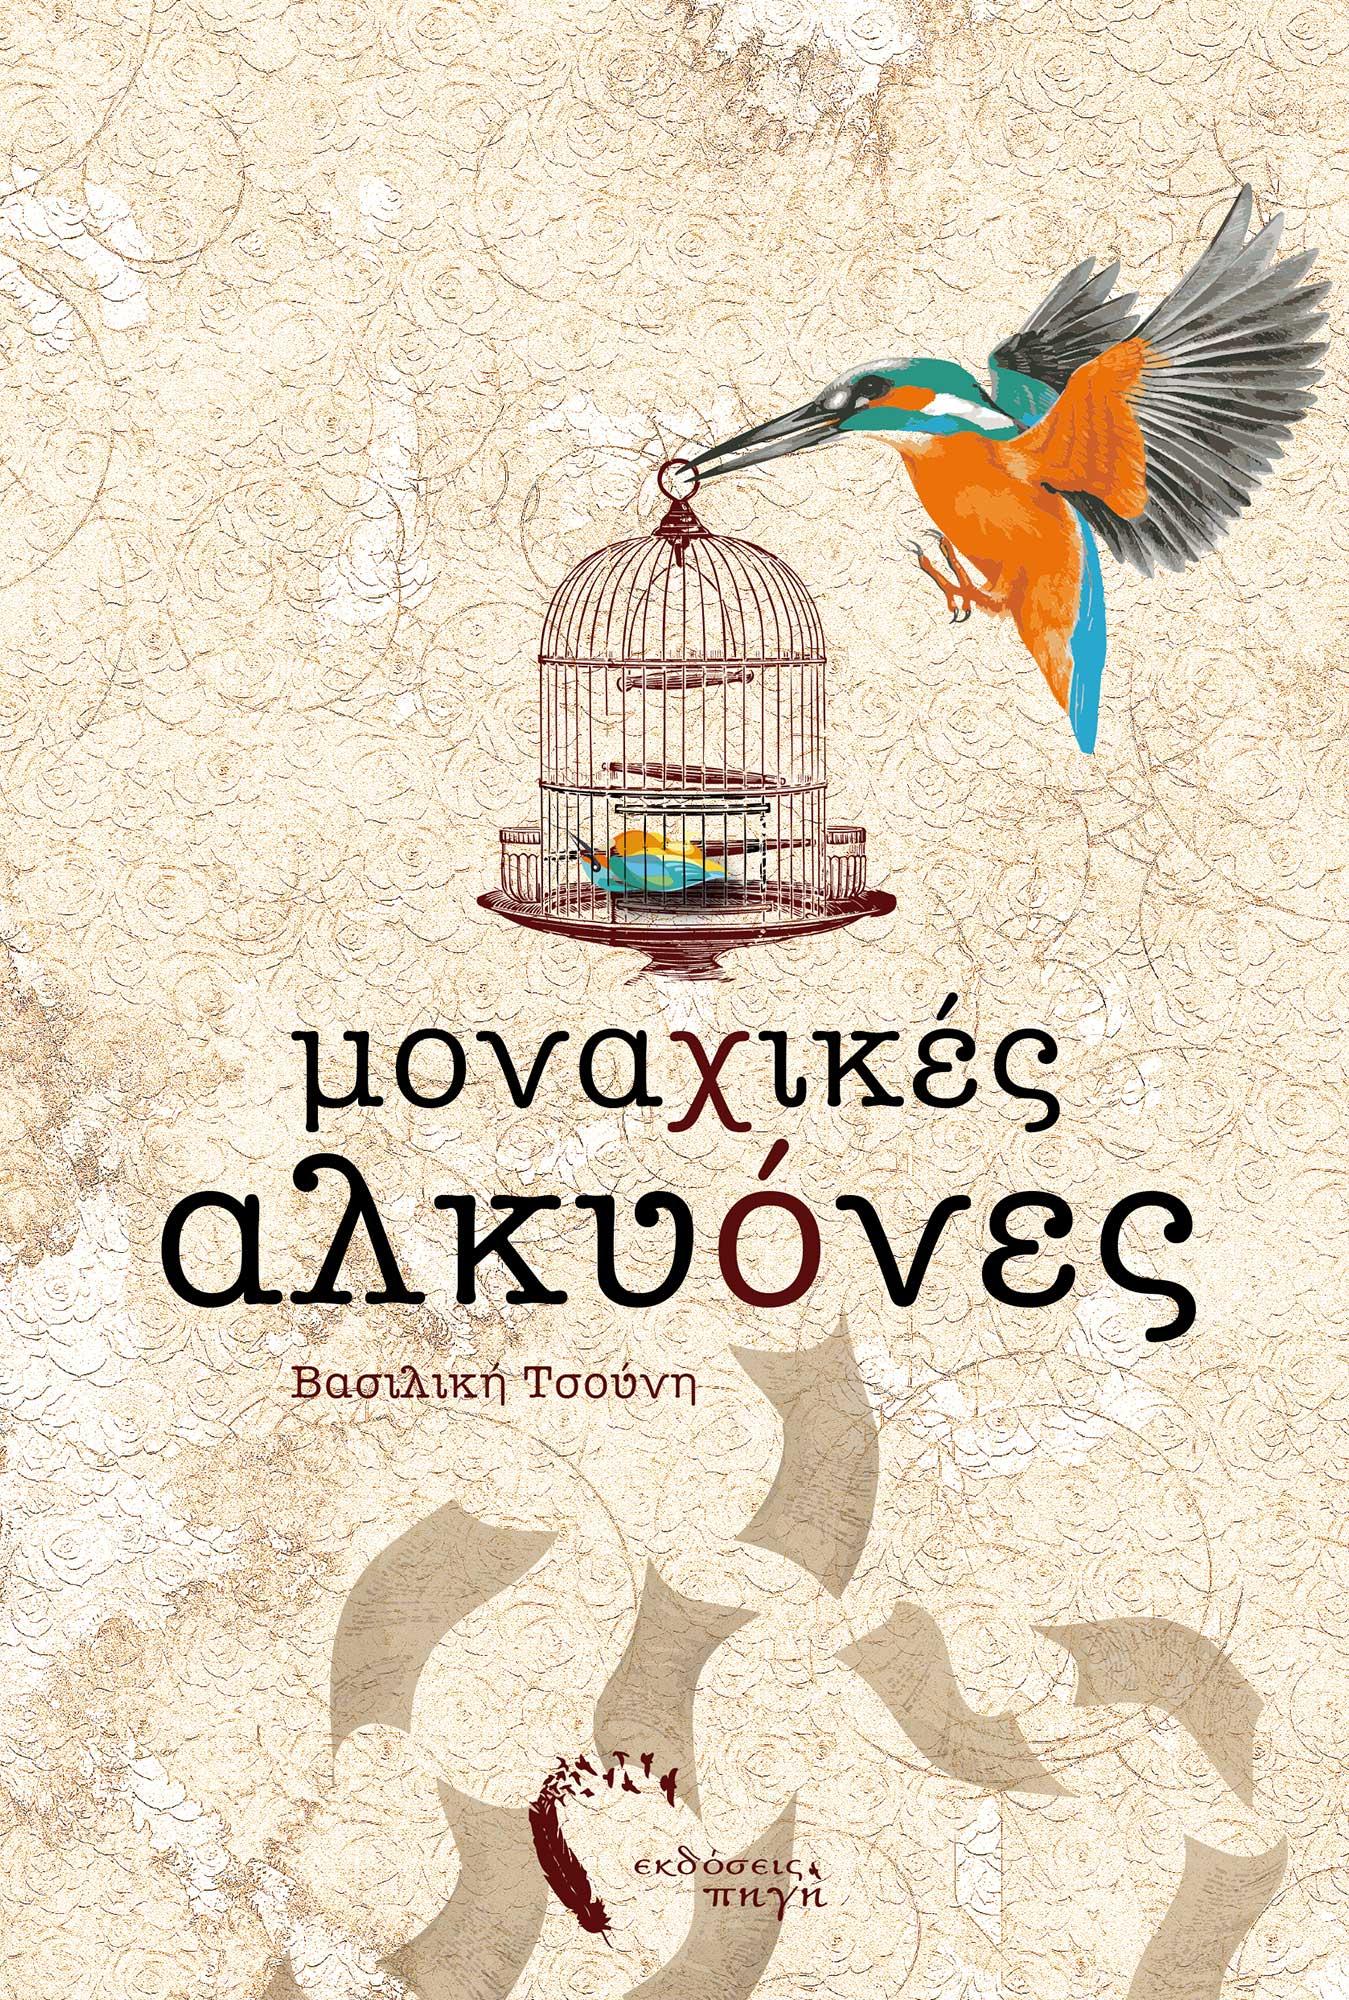 Μοναχικές Αλκυόνες, Βασιλική Τσούνη, Εκδόσεις Πηγή - www.pigi.gr